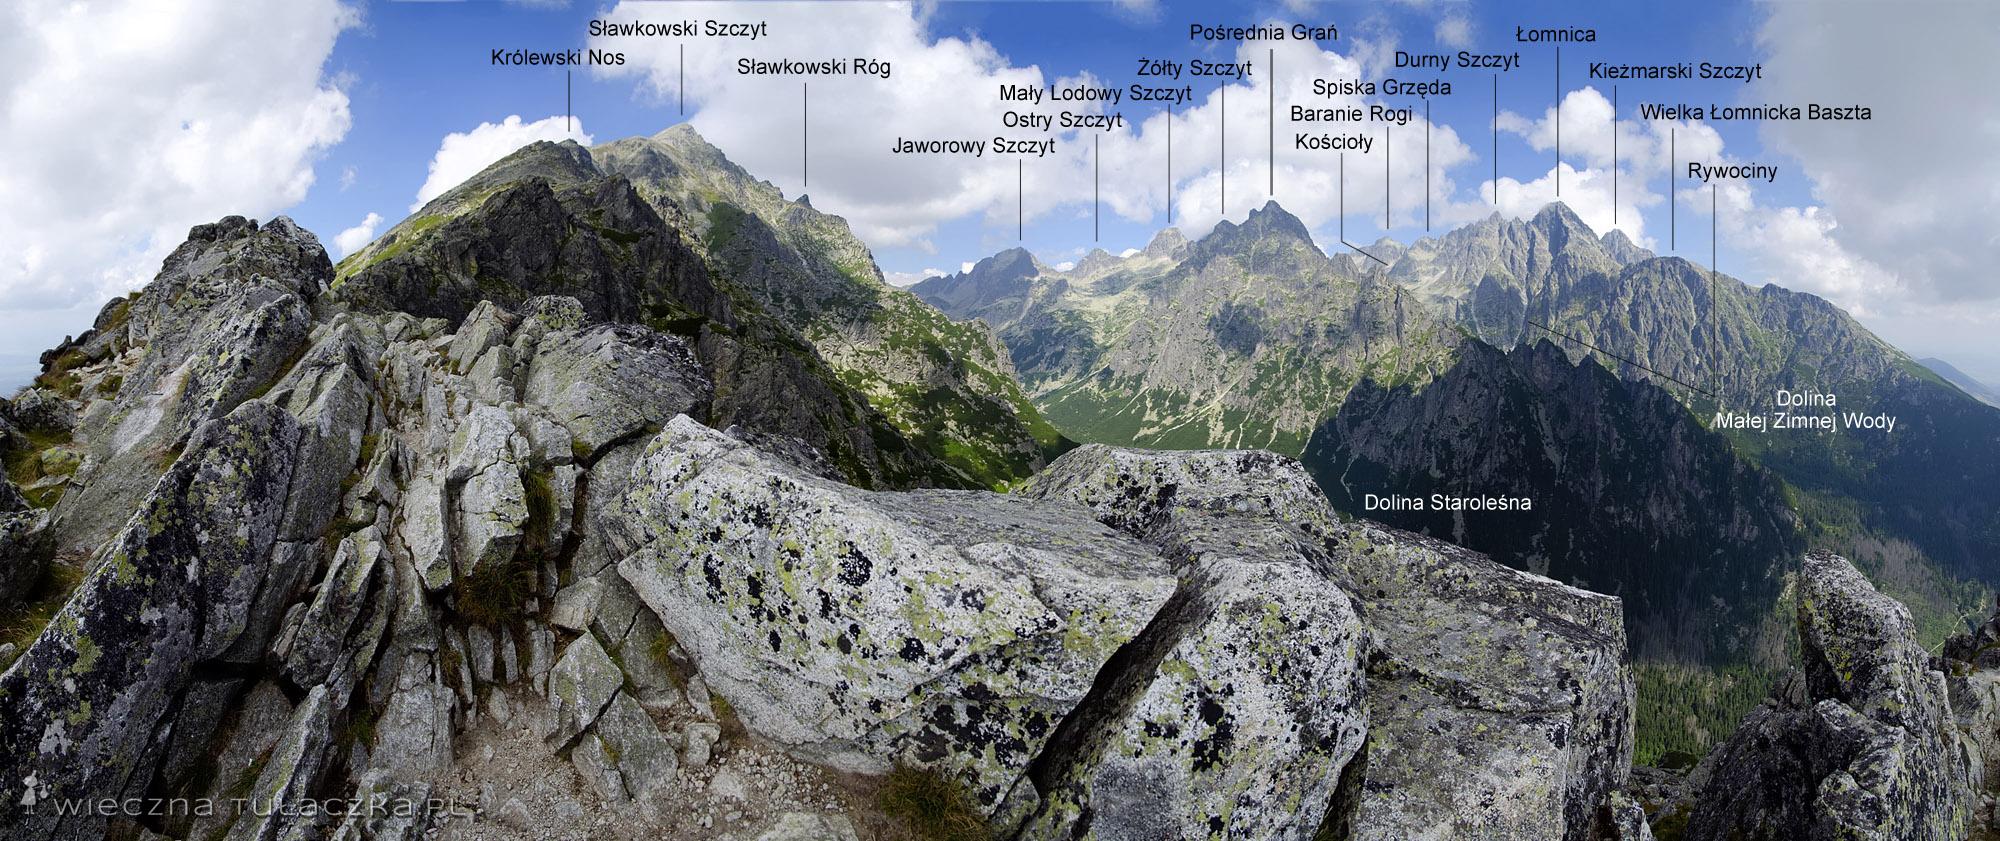 Panorama ze Sławkowskiego Grzebienia